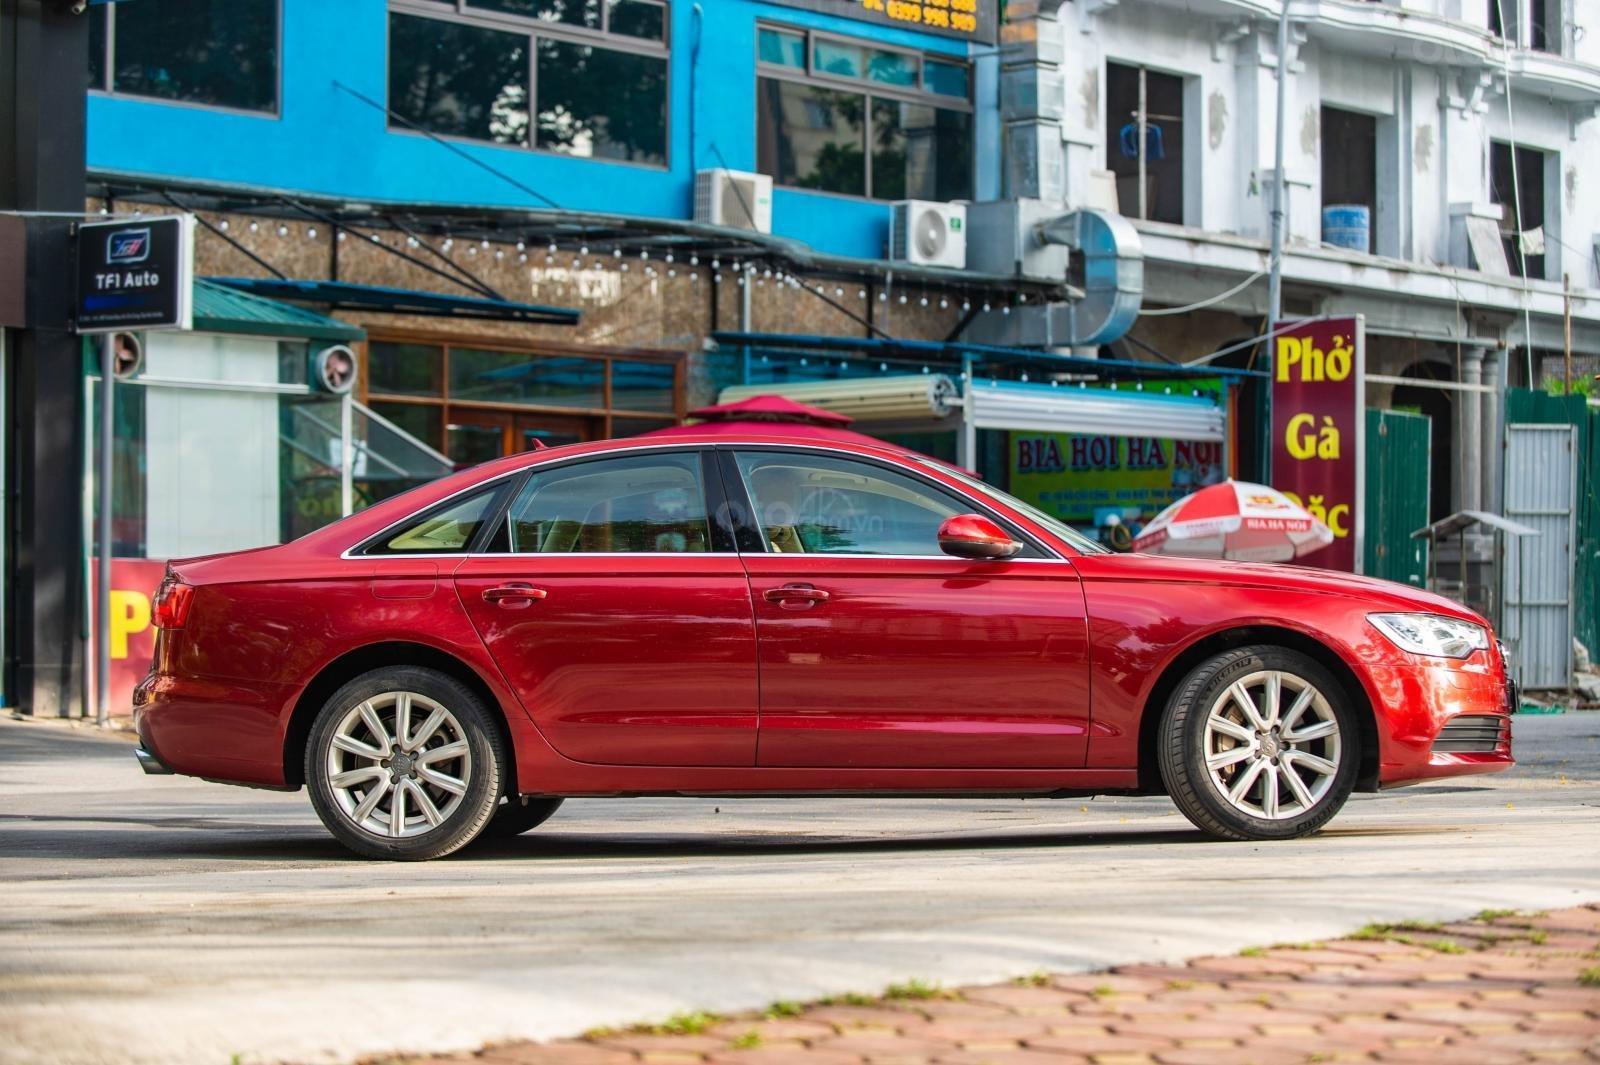 Bán Audi A6 3.0 TFSI Quattro, sản xuất 2014, đăng ký 2015, màu đỏ (4)